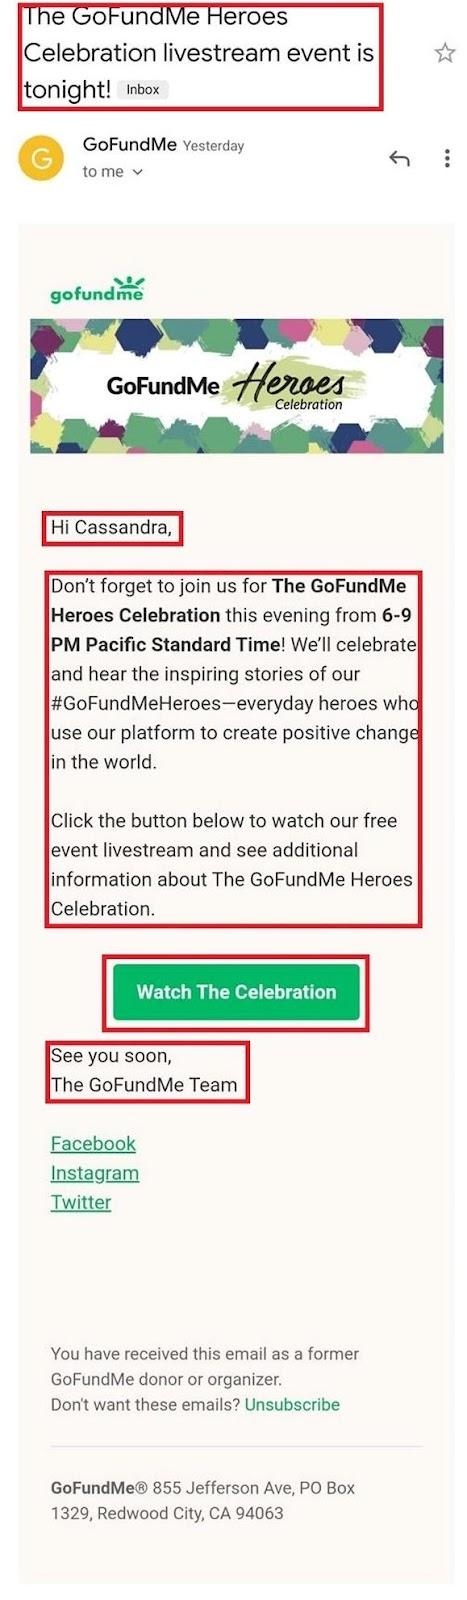 GoFundMe email example